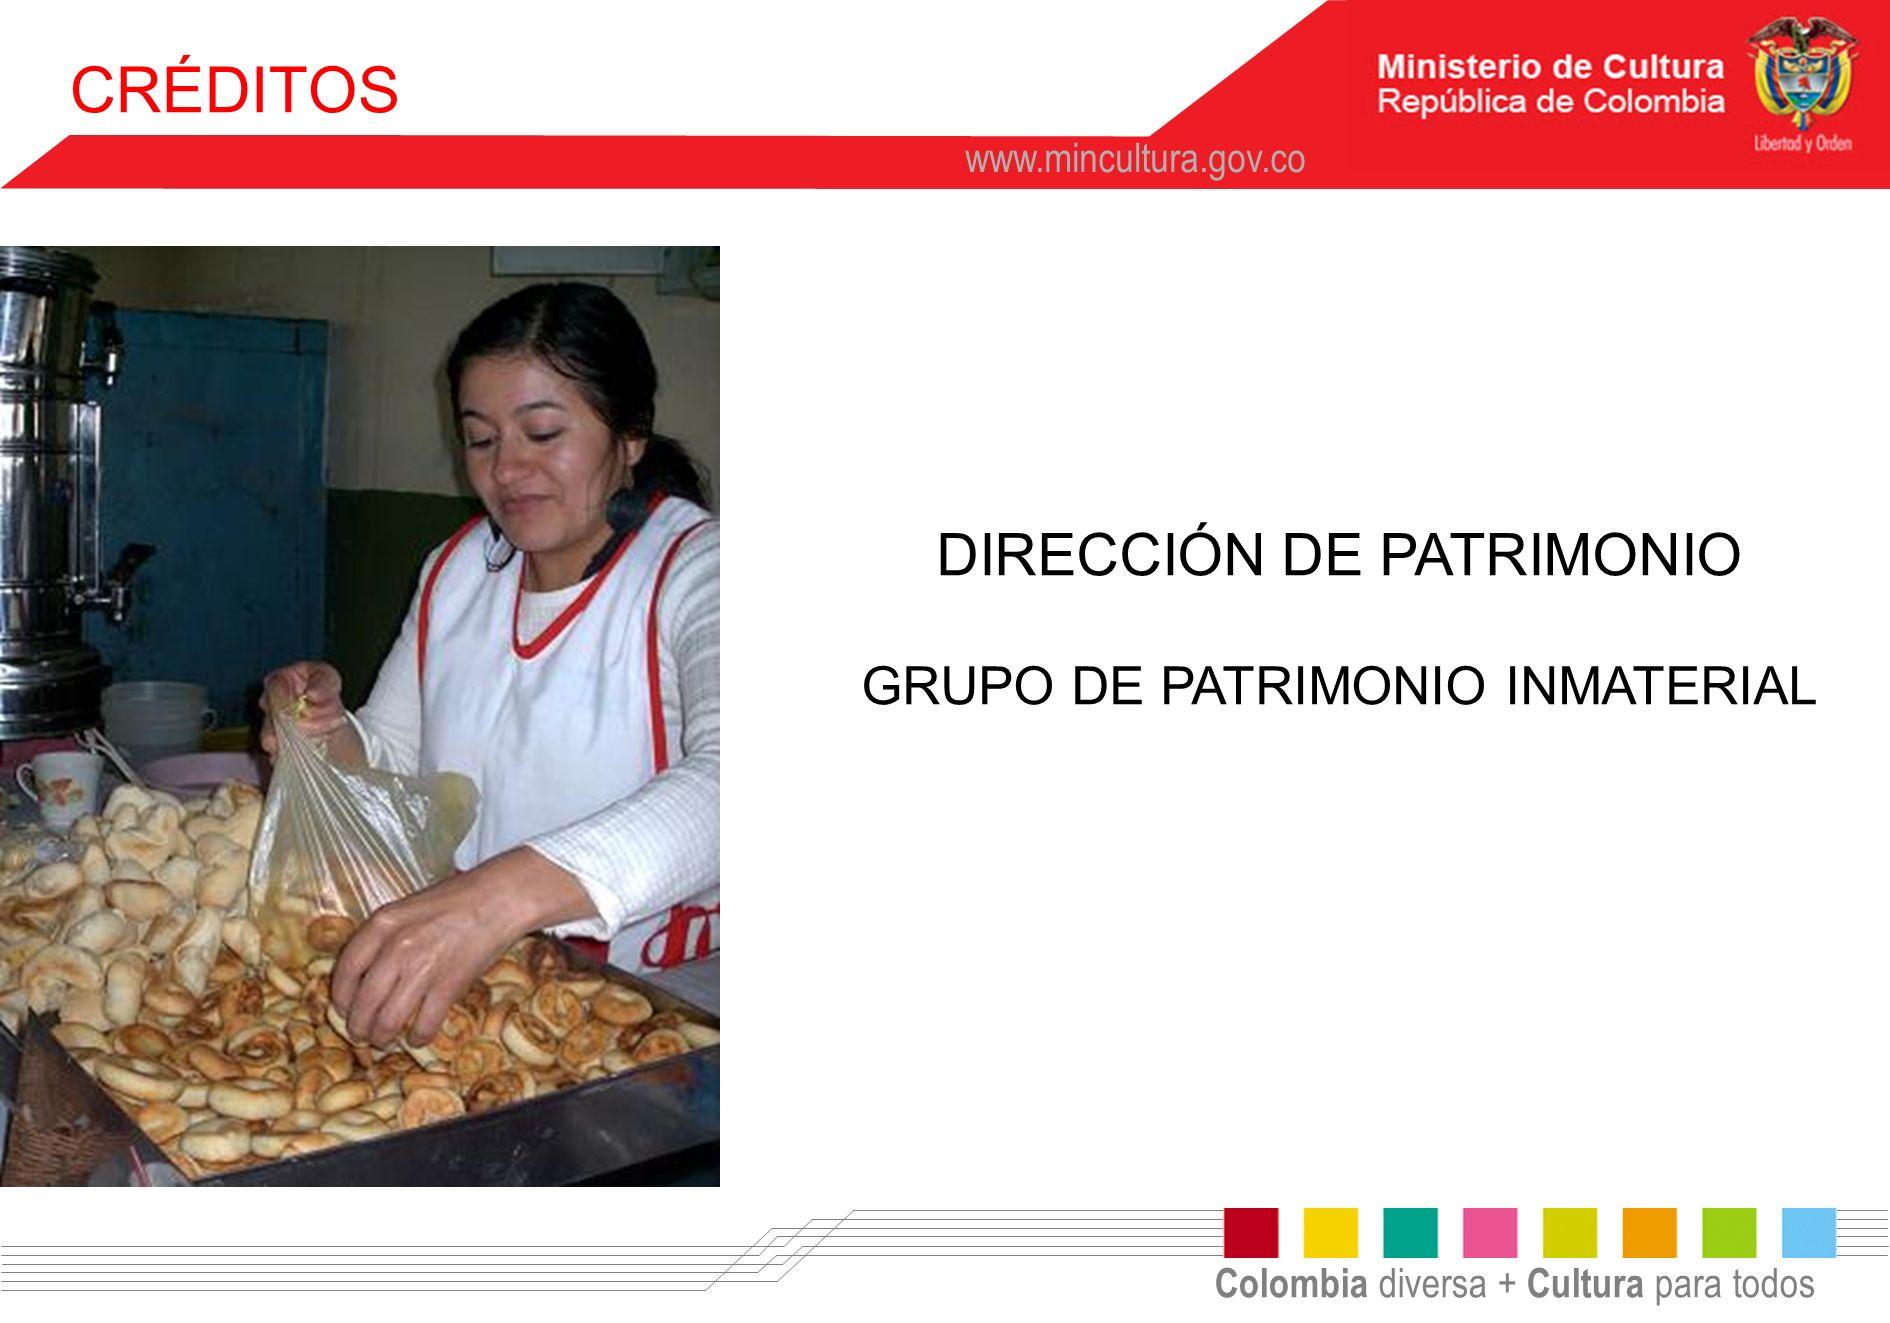 CRÉDITOS DIRECCIÓN DE PATRIMONIO GRUPO DE PATRIMONIO INMATERIAL